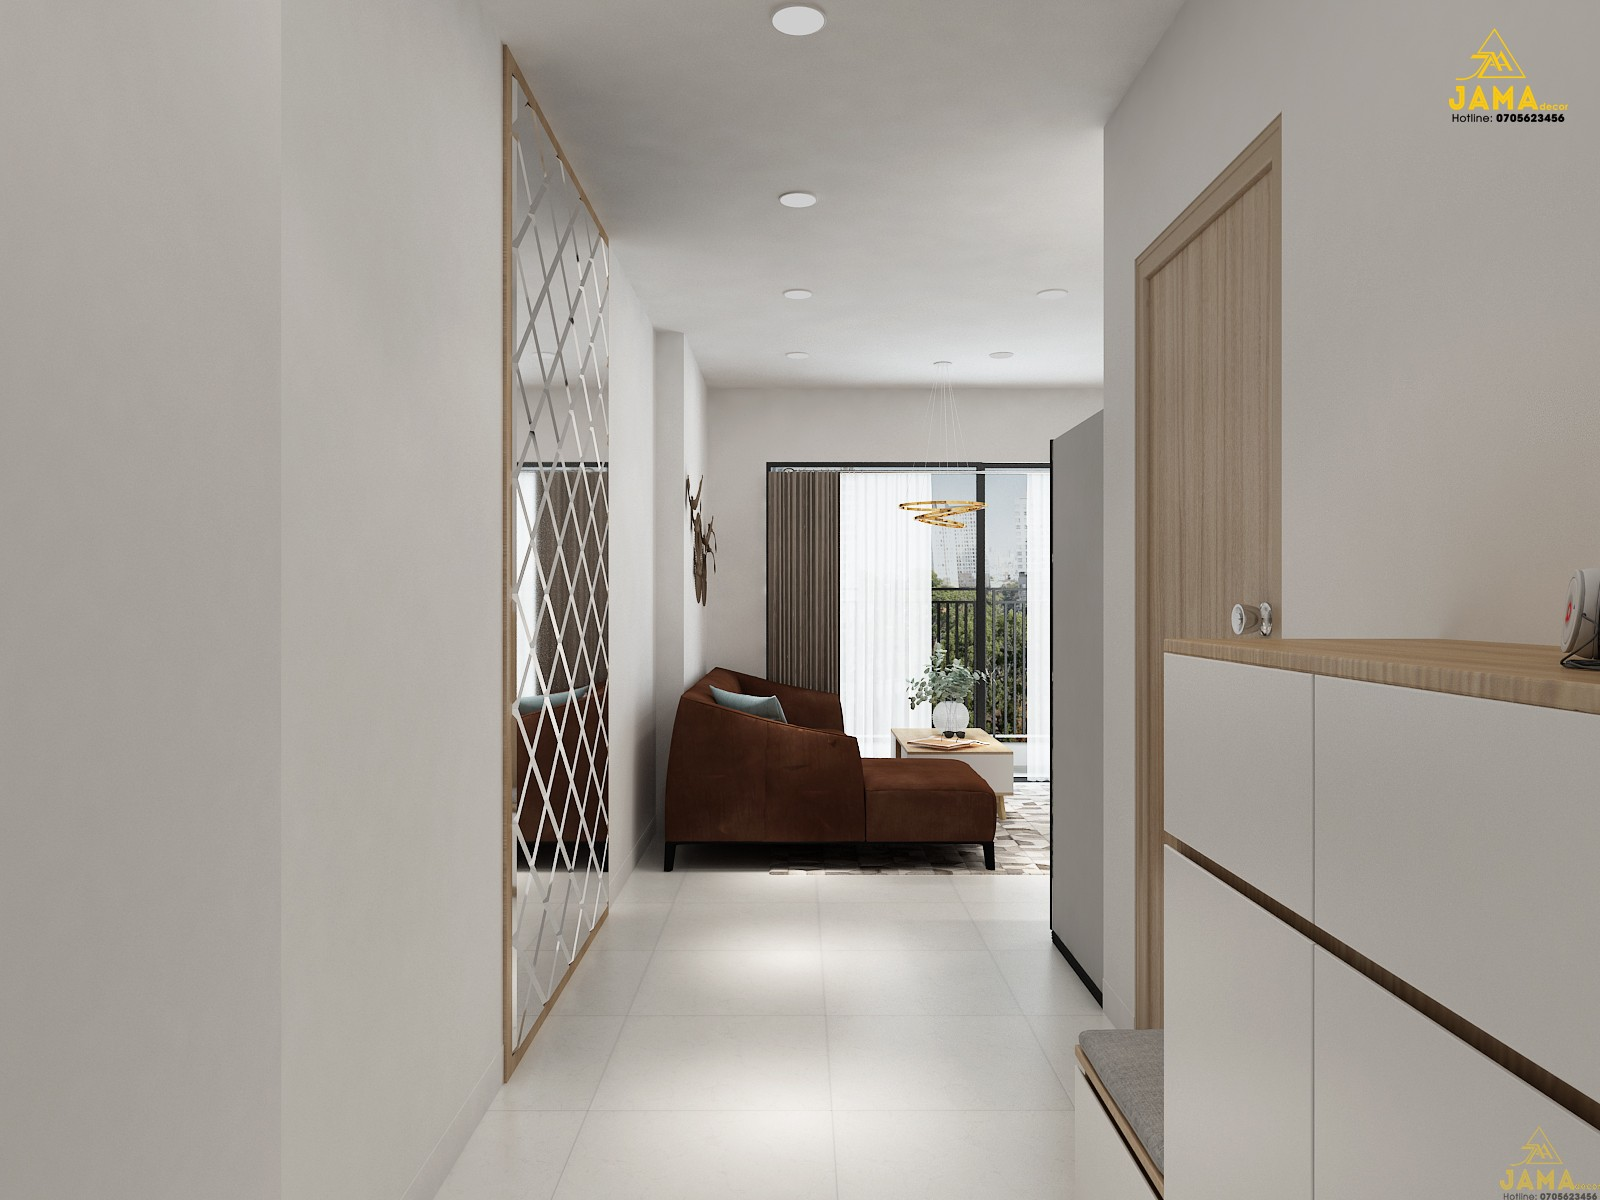 Thiết kế nội thất phòng khách trong căn hộ.